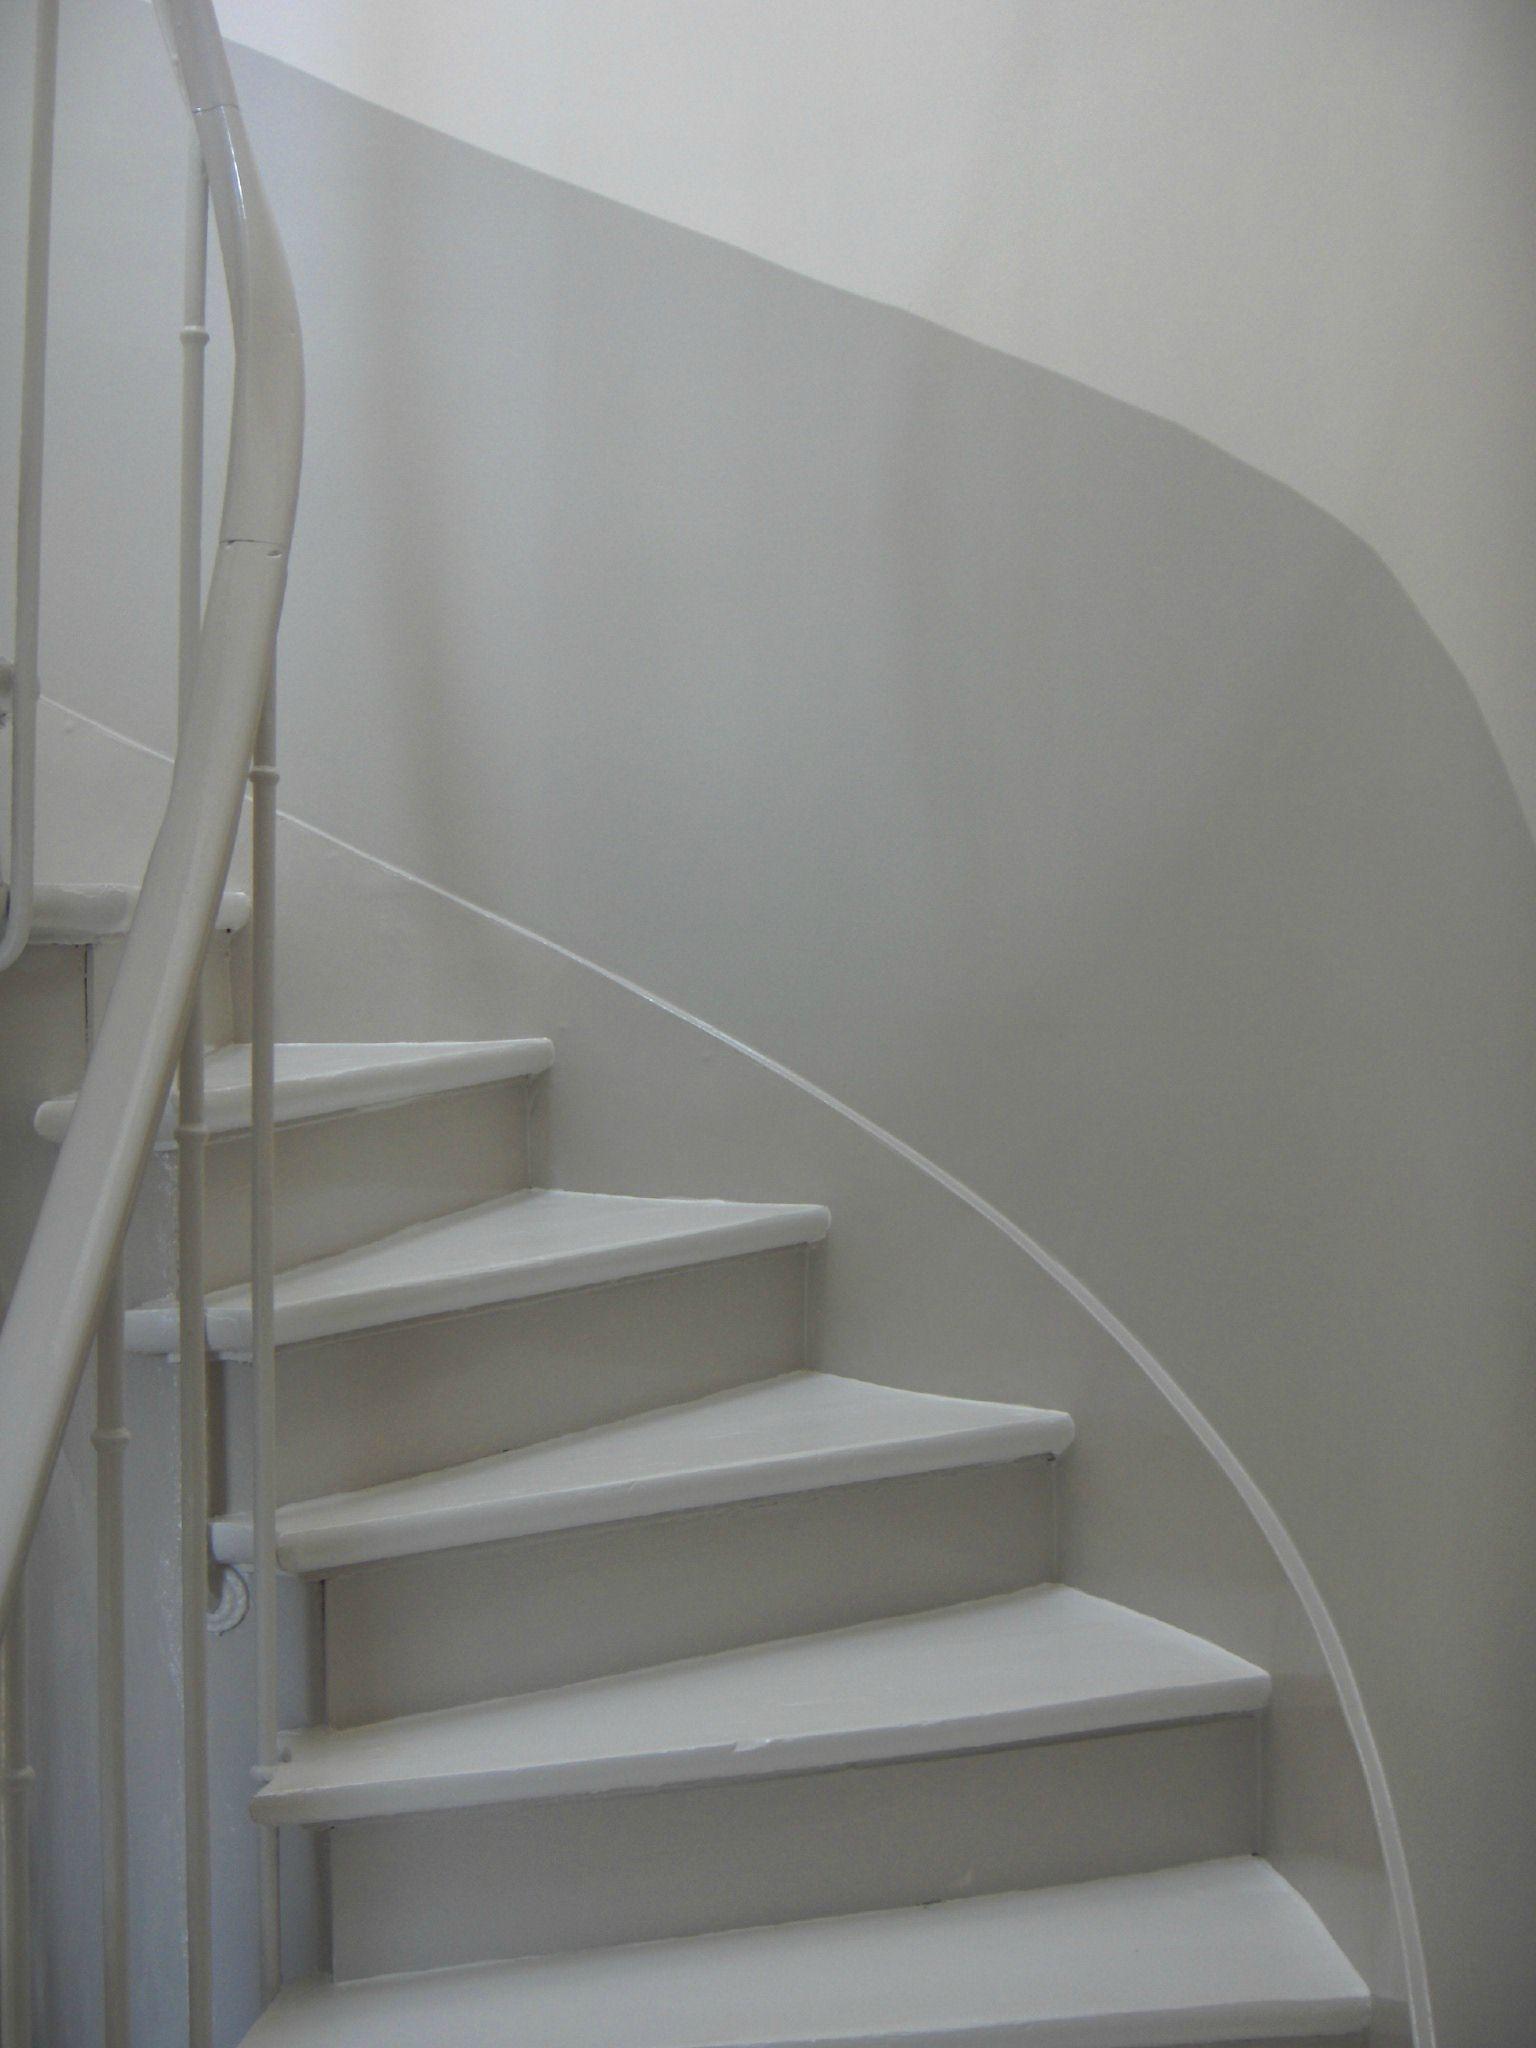 Travaux juillet 086 cage d 39 escalier pinterest for Renovation cage escalier maison